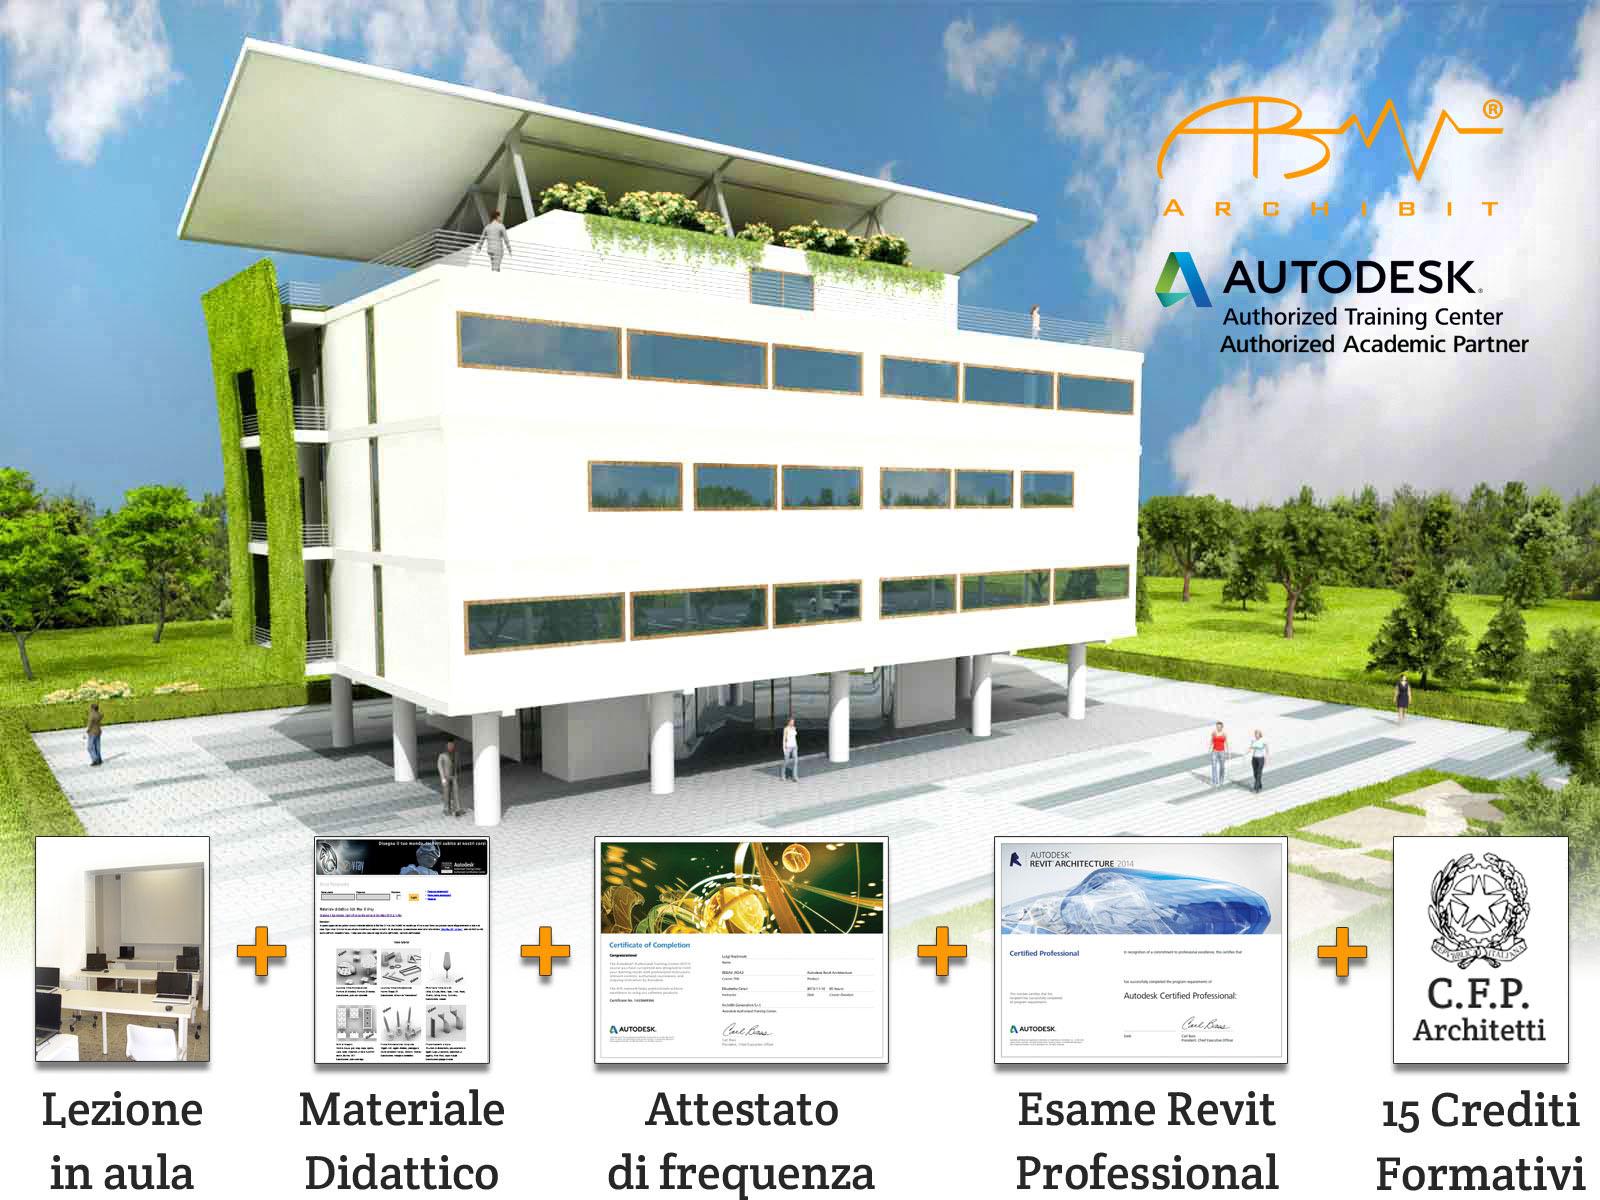 corso revit bim autodesk roma crediti formativi professionali architetti